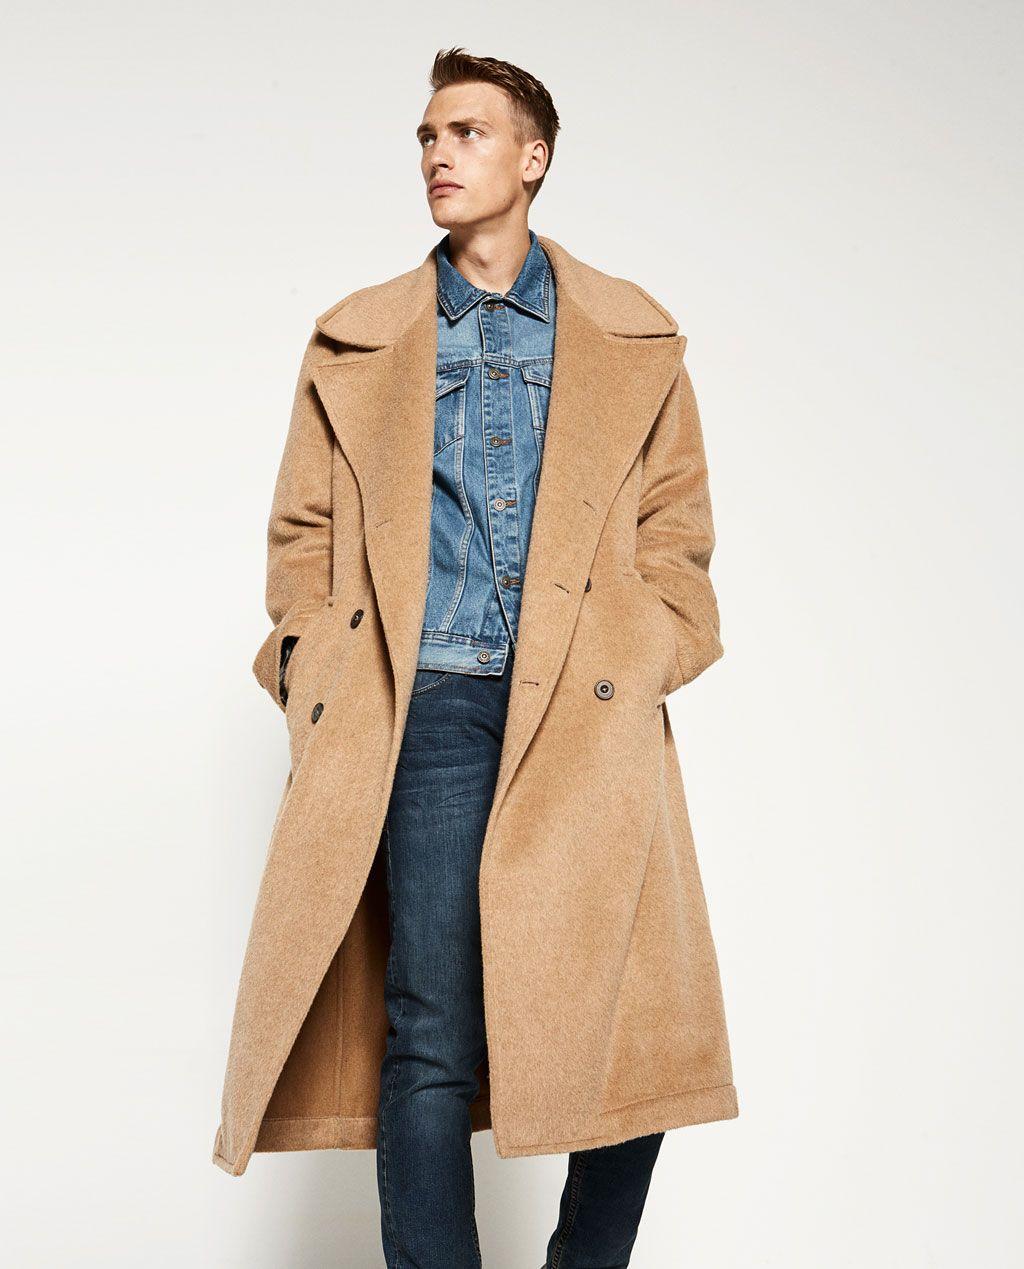 OVERSIZE MANTEL in 2019 | Herren mantel, Männer outfit und